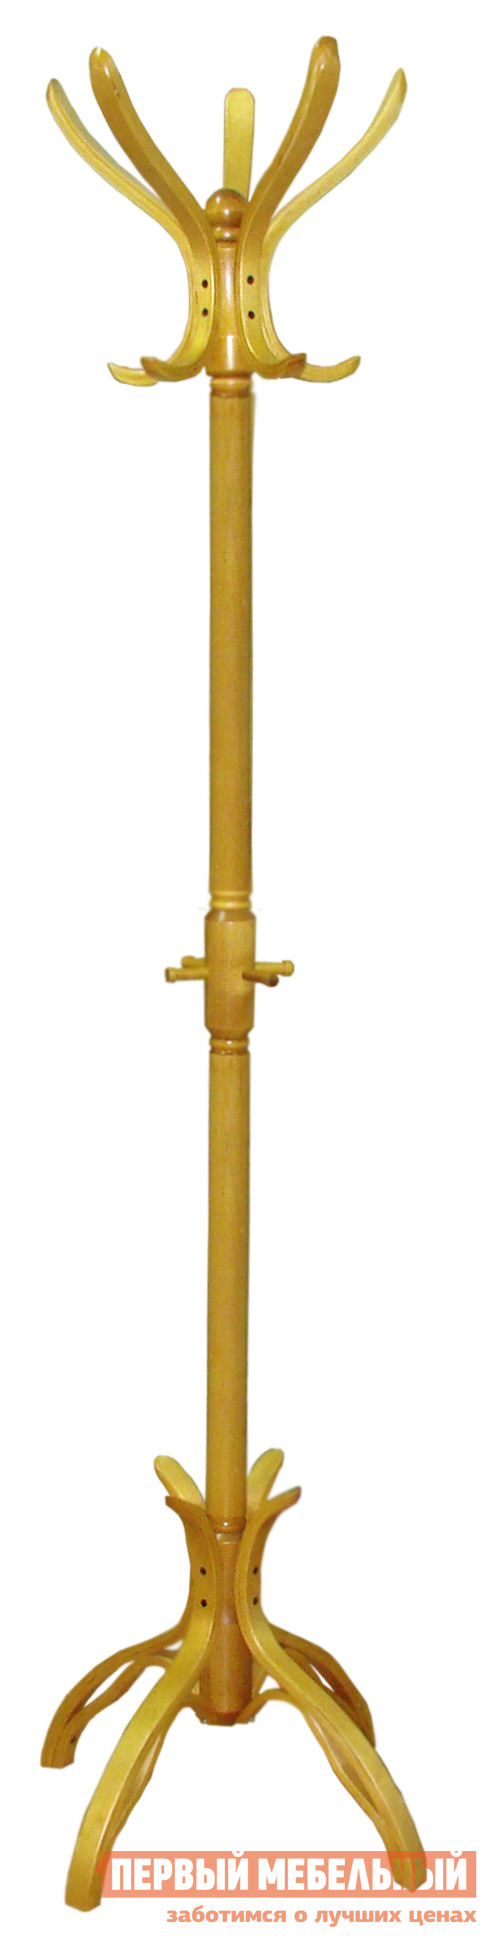 Напольная вешалка Мебелик В 12Н Светло-коричневый Мебелик Габаритные размеры ВхШхГ 1820x500x500 мм. Напольная вешалка из массива березы.  На вешалке расположено 5 крючков для одежды и 4 крючка для сумок и зонтов.  </br> Варианты цвета исполнения помогут выбрать максимально подходящую для вашего интерьера вешалку. <br>